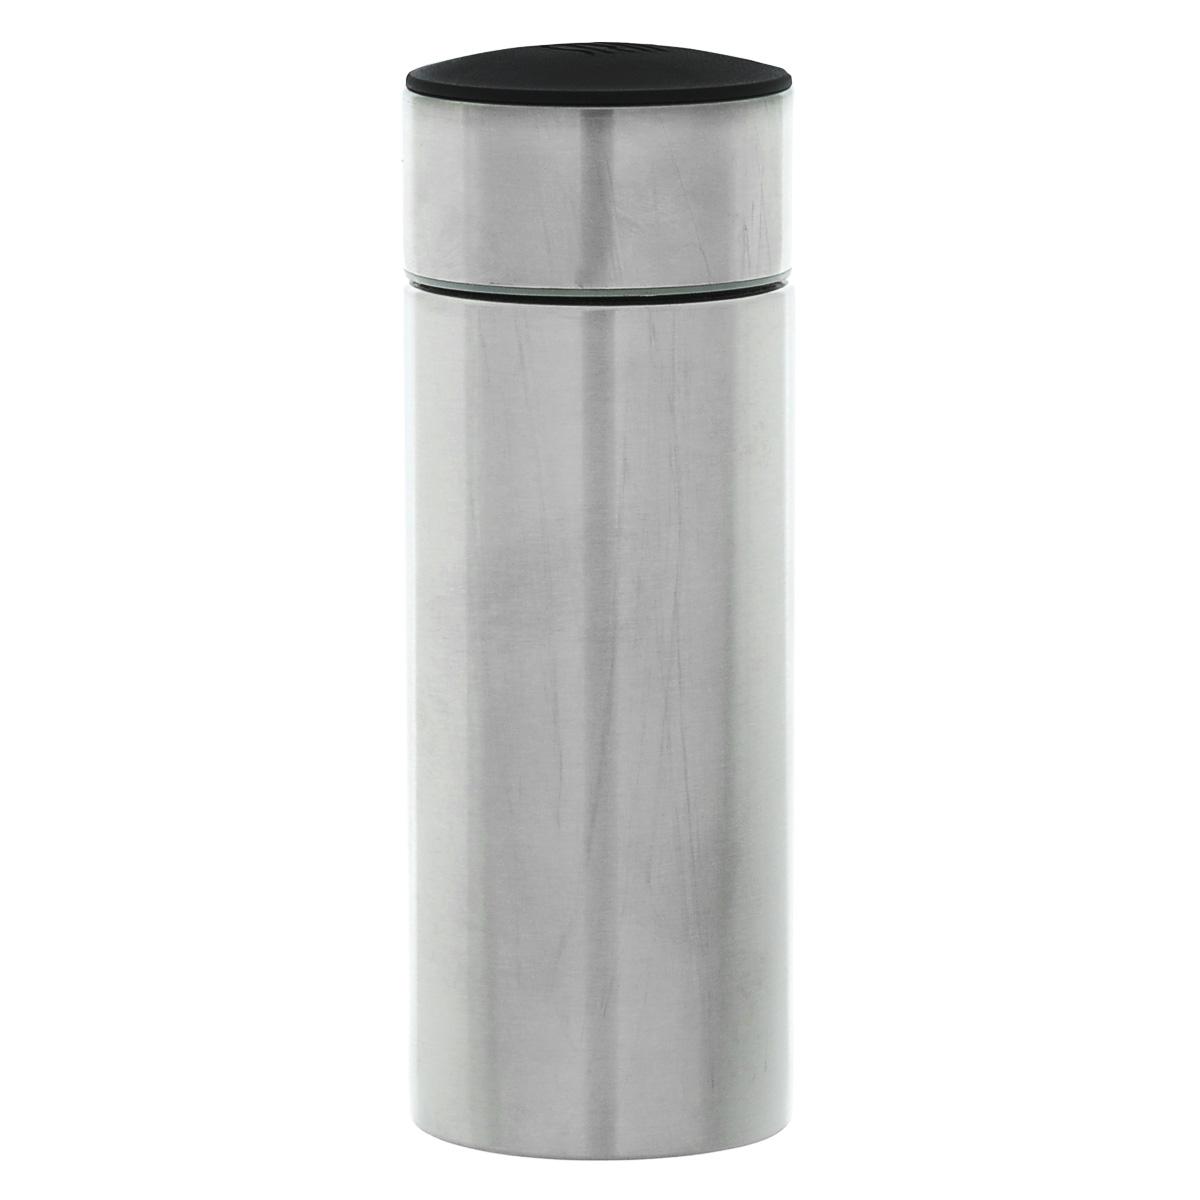 Термос-мини Iris Barcelona, 200 млVT-1520(SR)Термос-мини Iris Barcelona - очень удобный и практичный предмет, который поможет вам насладиться любимым напитком где угодно. Термос выполнен из высококачественной нержавеющей стали. Оснащен широким горлом и плотно закрывающейся крышкой с резьбой. Благодаря двойным стенкам, термос сохраняет температуру напитка до 5,5 часов. Подходит как для холодных, так и для горячих напитков. Основание прорезиненное. Компактные размеры позволят уместить его даже в самой маленькой сумке. Его можно взять с собой на отдых, на работу или учебу, на прогулку, в путешествие. Диаметр: 5,5 см. Высота (с крышкой): 15 см.